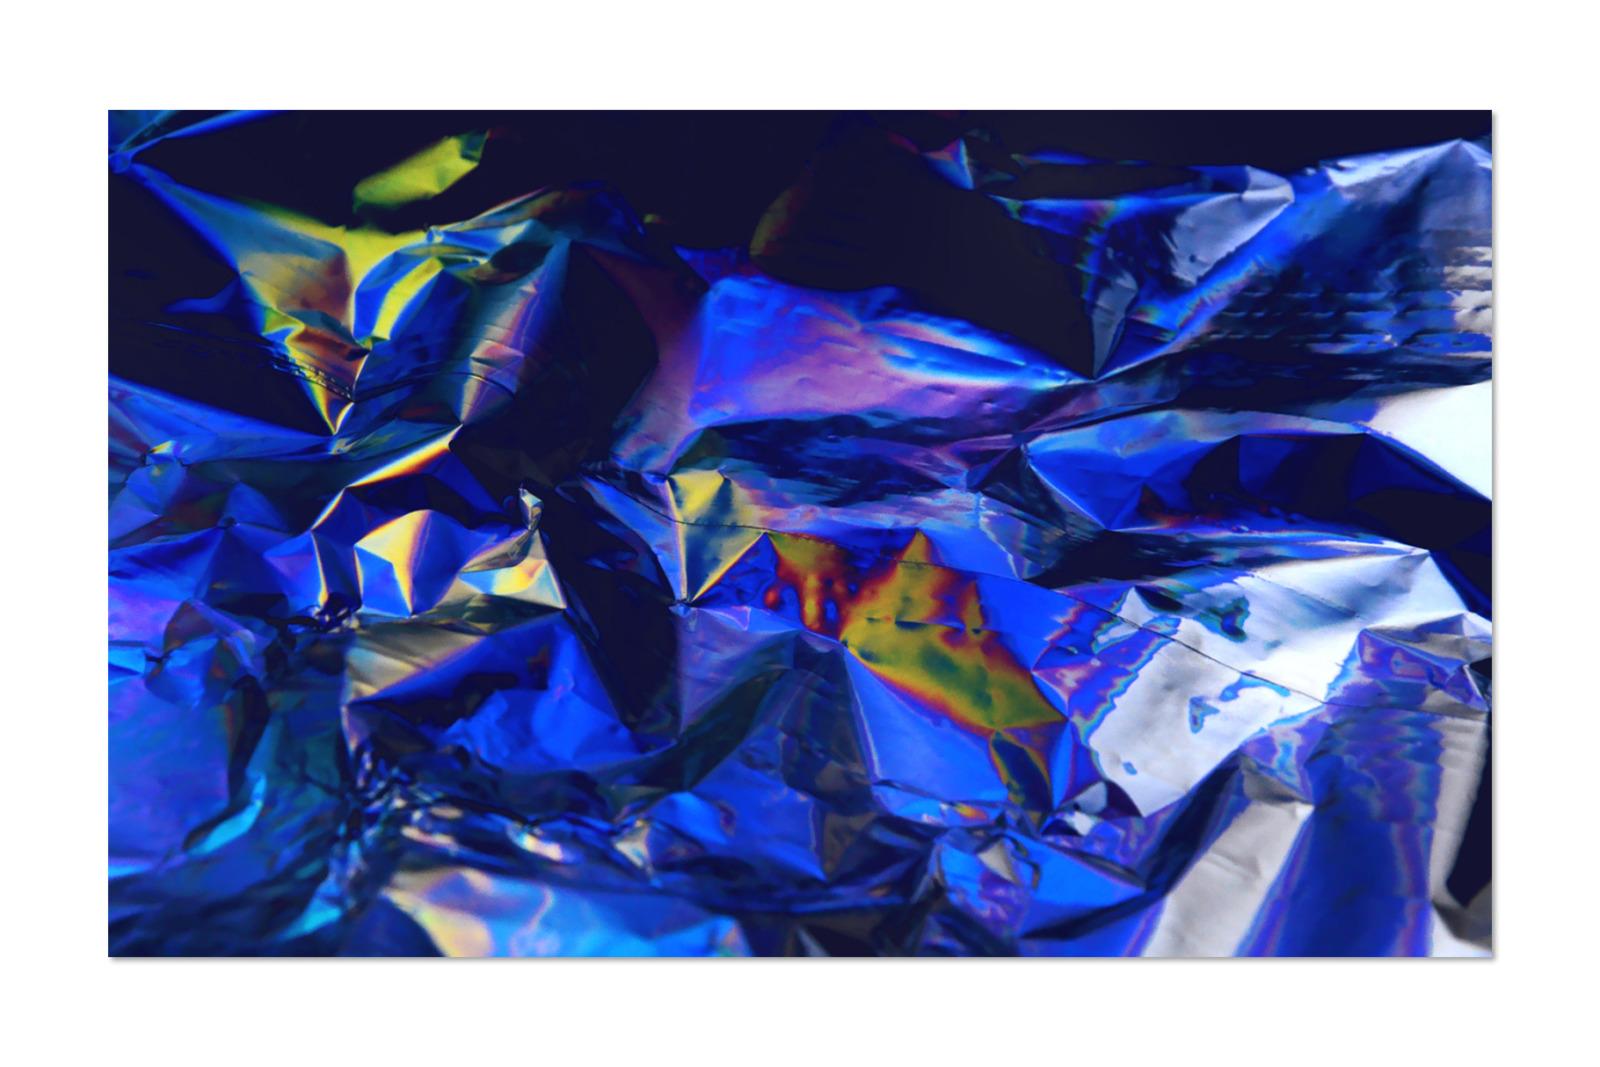 [淘宝购买] 80款潮流全息渐变虹彩金属箔纸纹理海报设计背景图片素材 Crumbled – 80 Foil Textures插图13